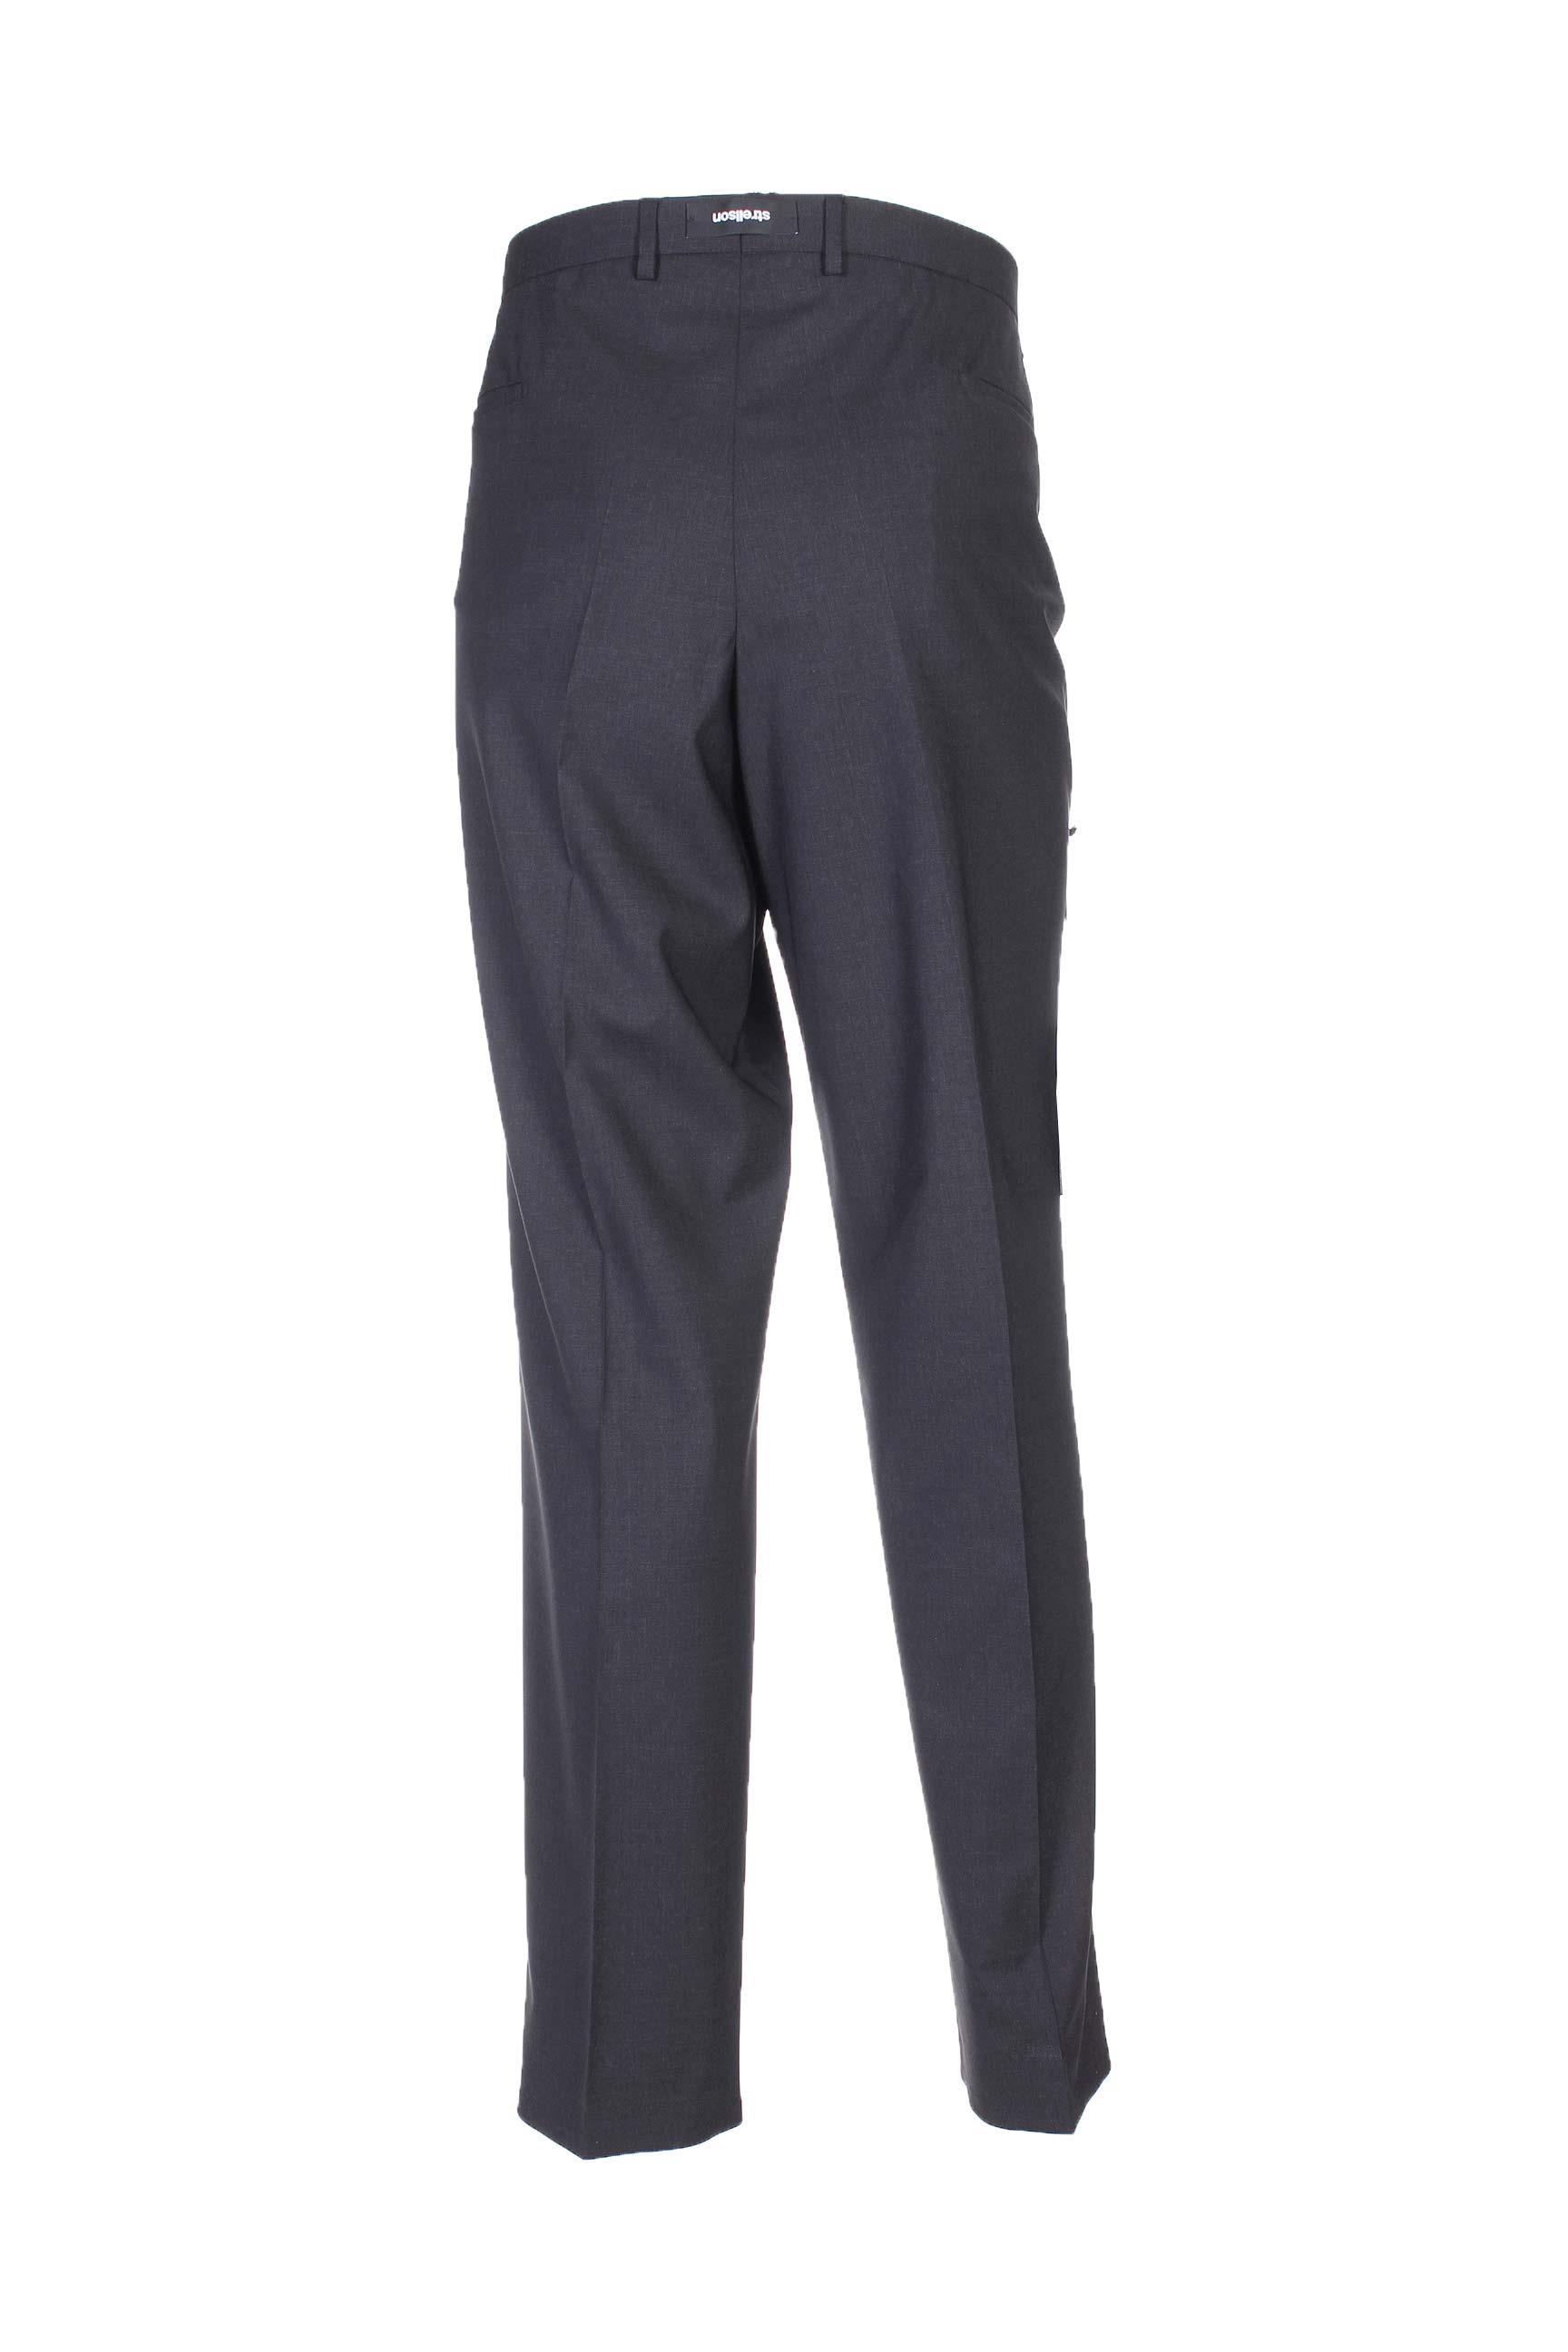 Strellson Pantalons Citadins Homme De Couleur Gris En Soldes Pas Cher 1011372-gris00